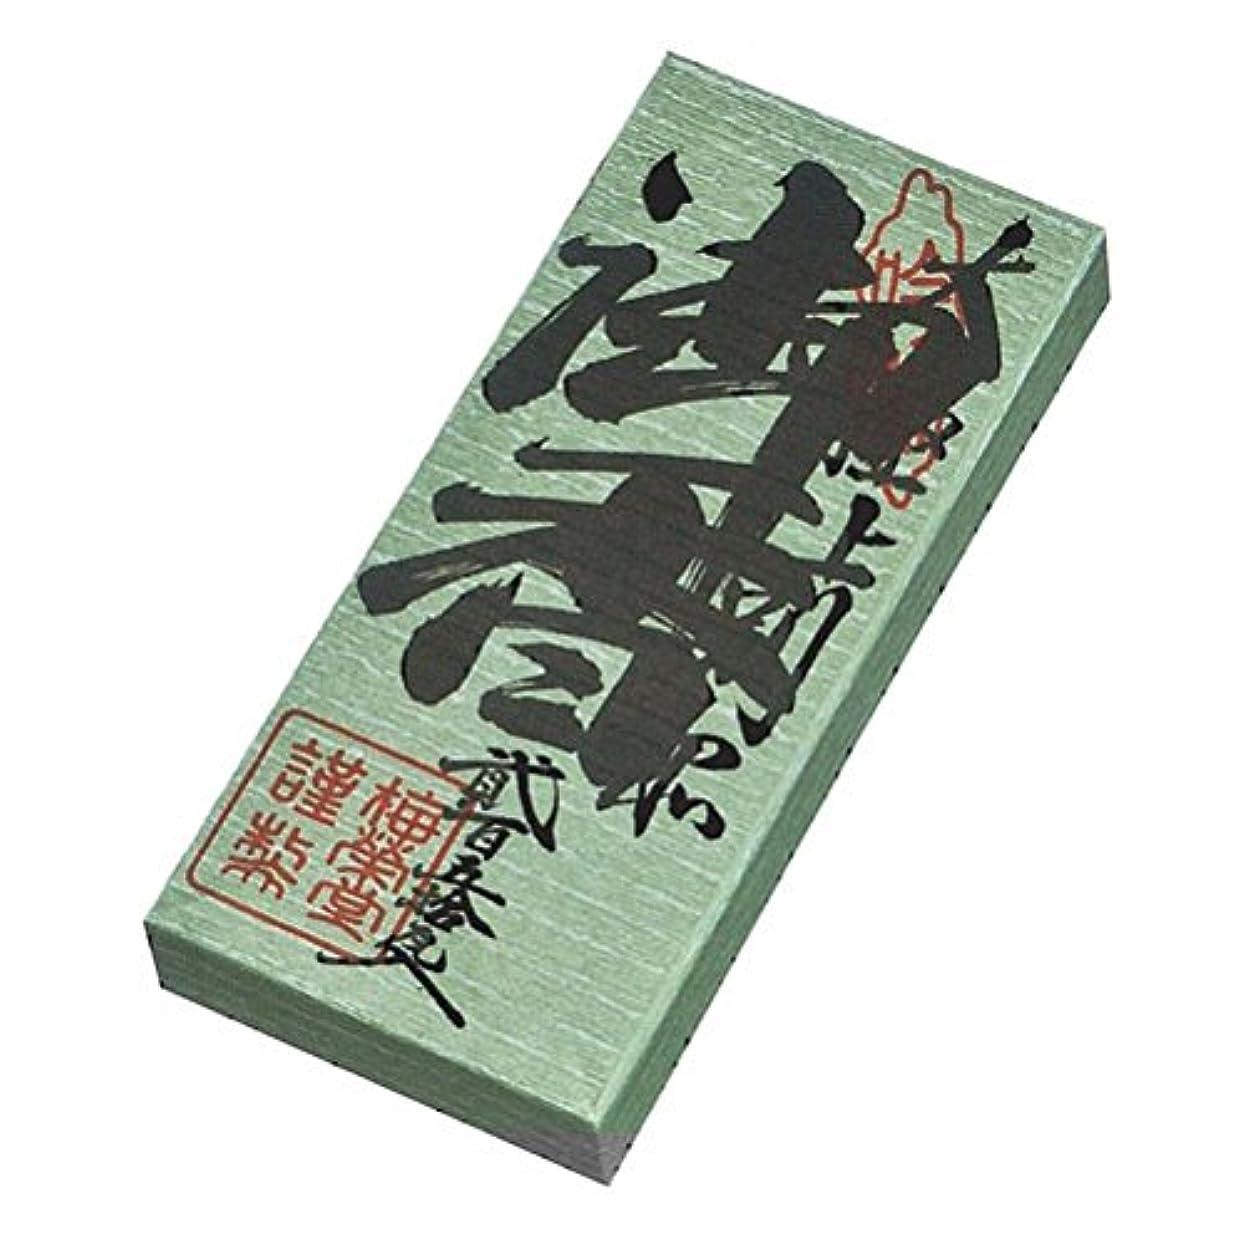 母性トリクル正当化する瑞薫印 250g 紙箱入り お焼香 梅栄堂